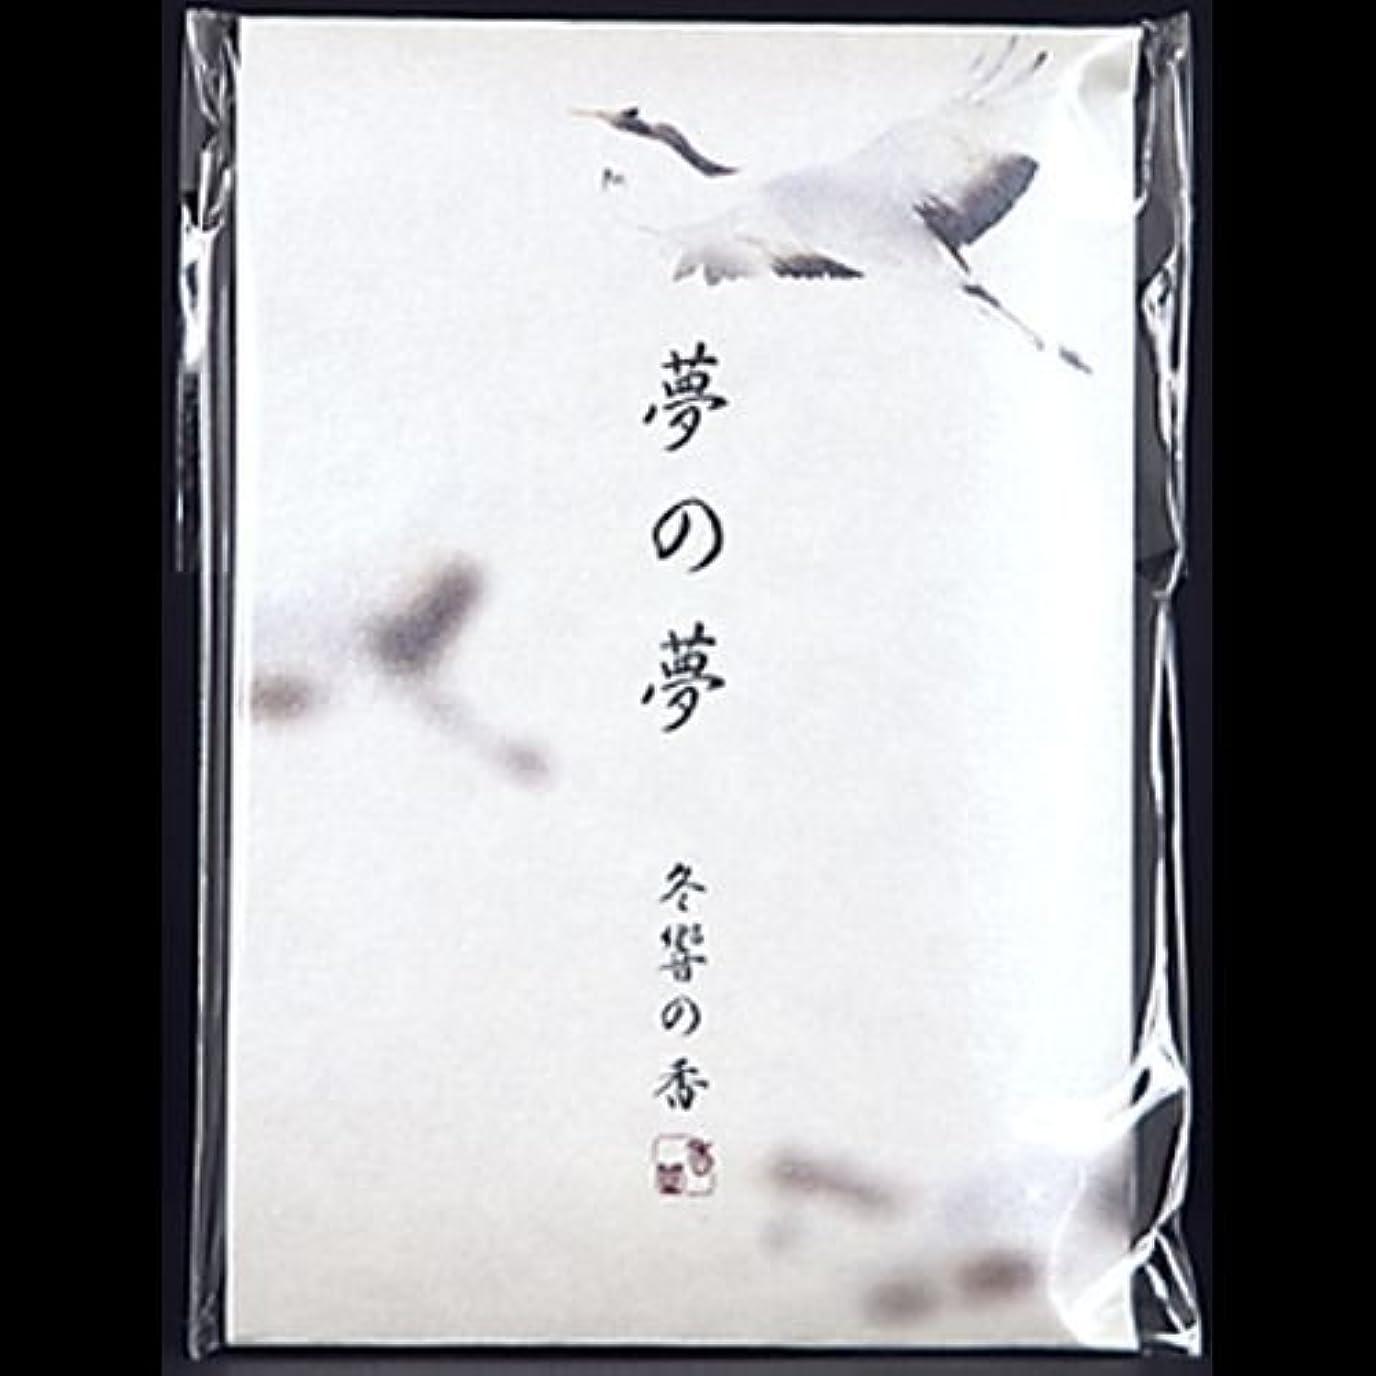 引き潮マント誰も【まとめ買い】夢の夢 冬響の香 (鶴) スティック12本入 ×2セット